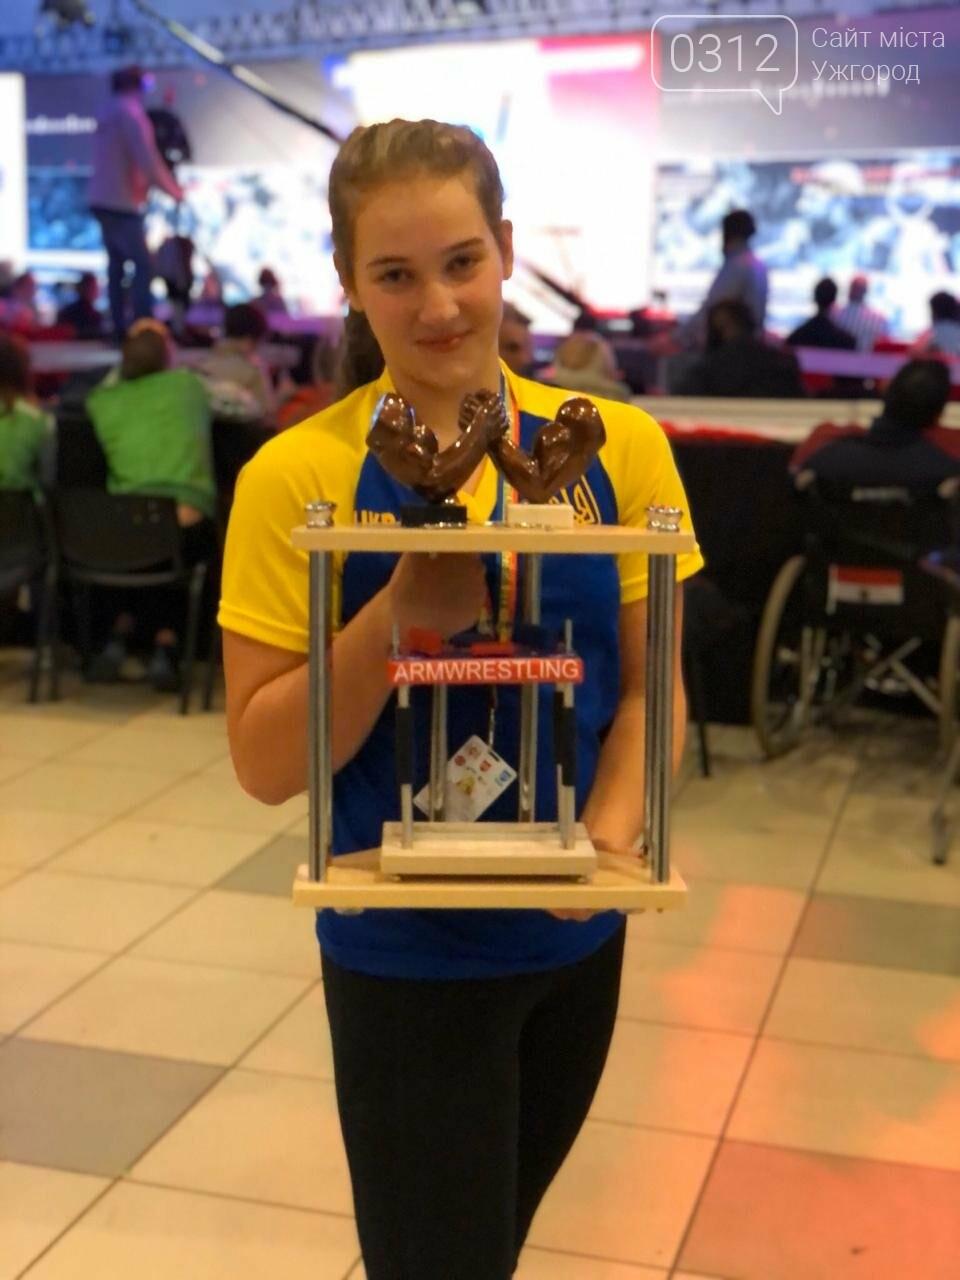 14-річна закарпатка стала Чемпіонкою світу з армрестлінгу (ФОТО) , фото-5